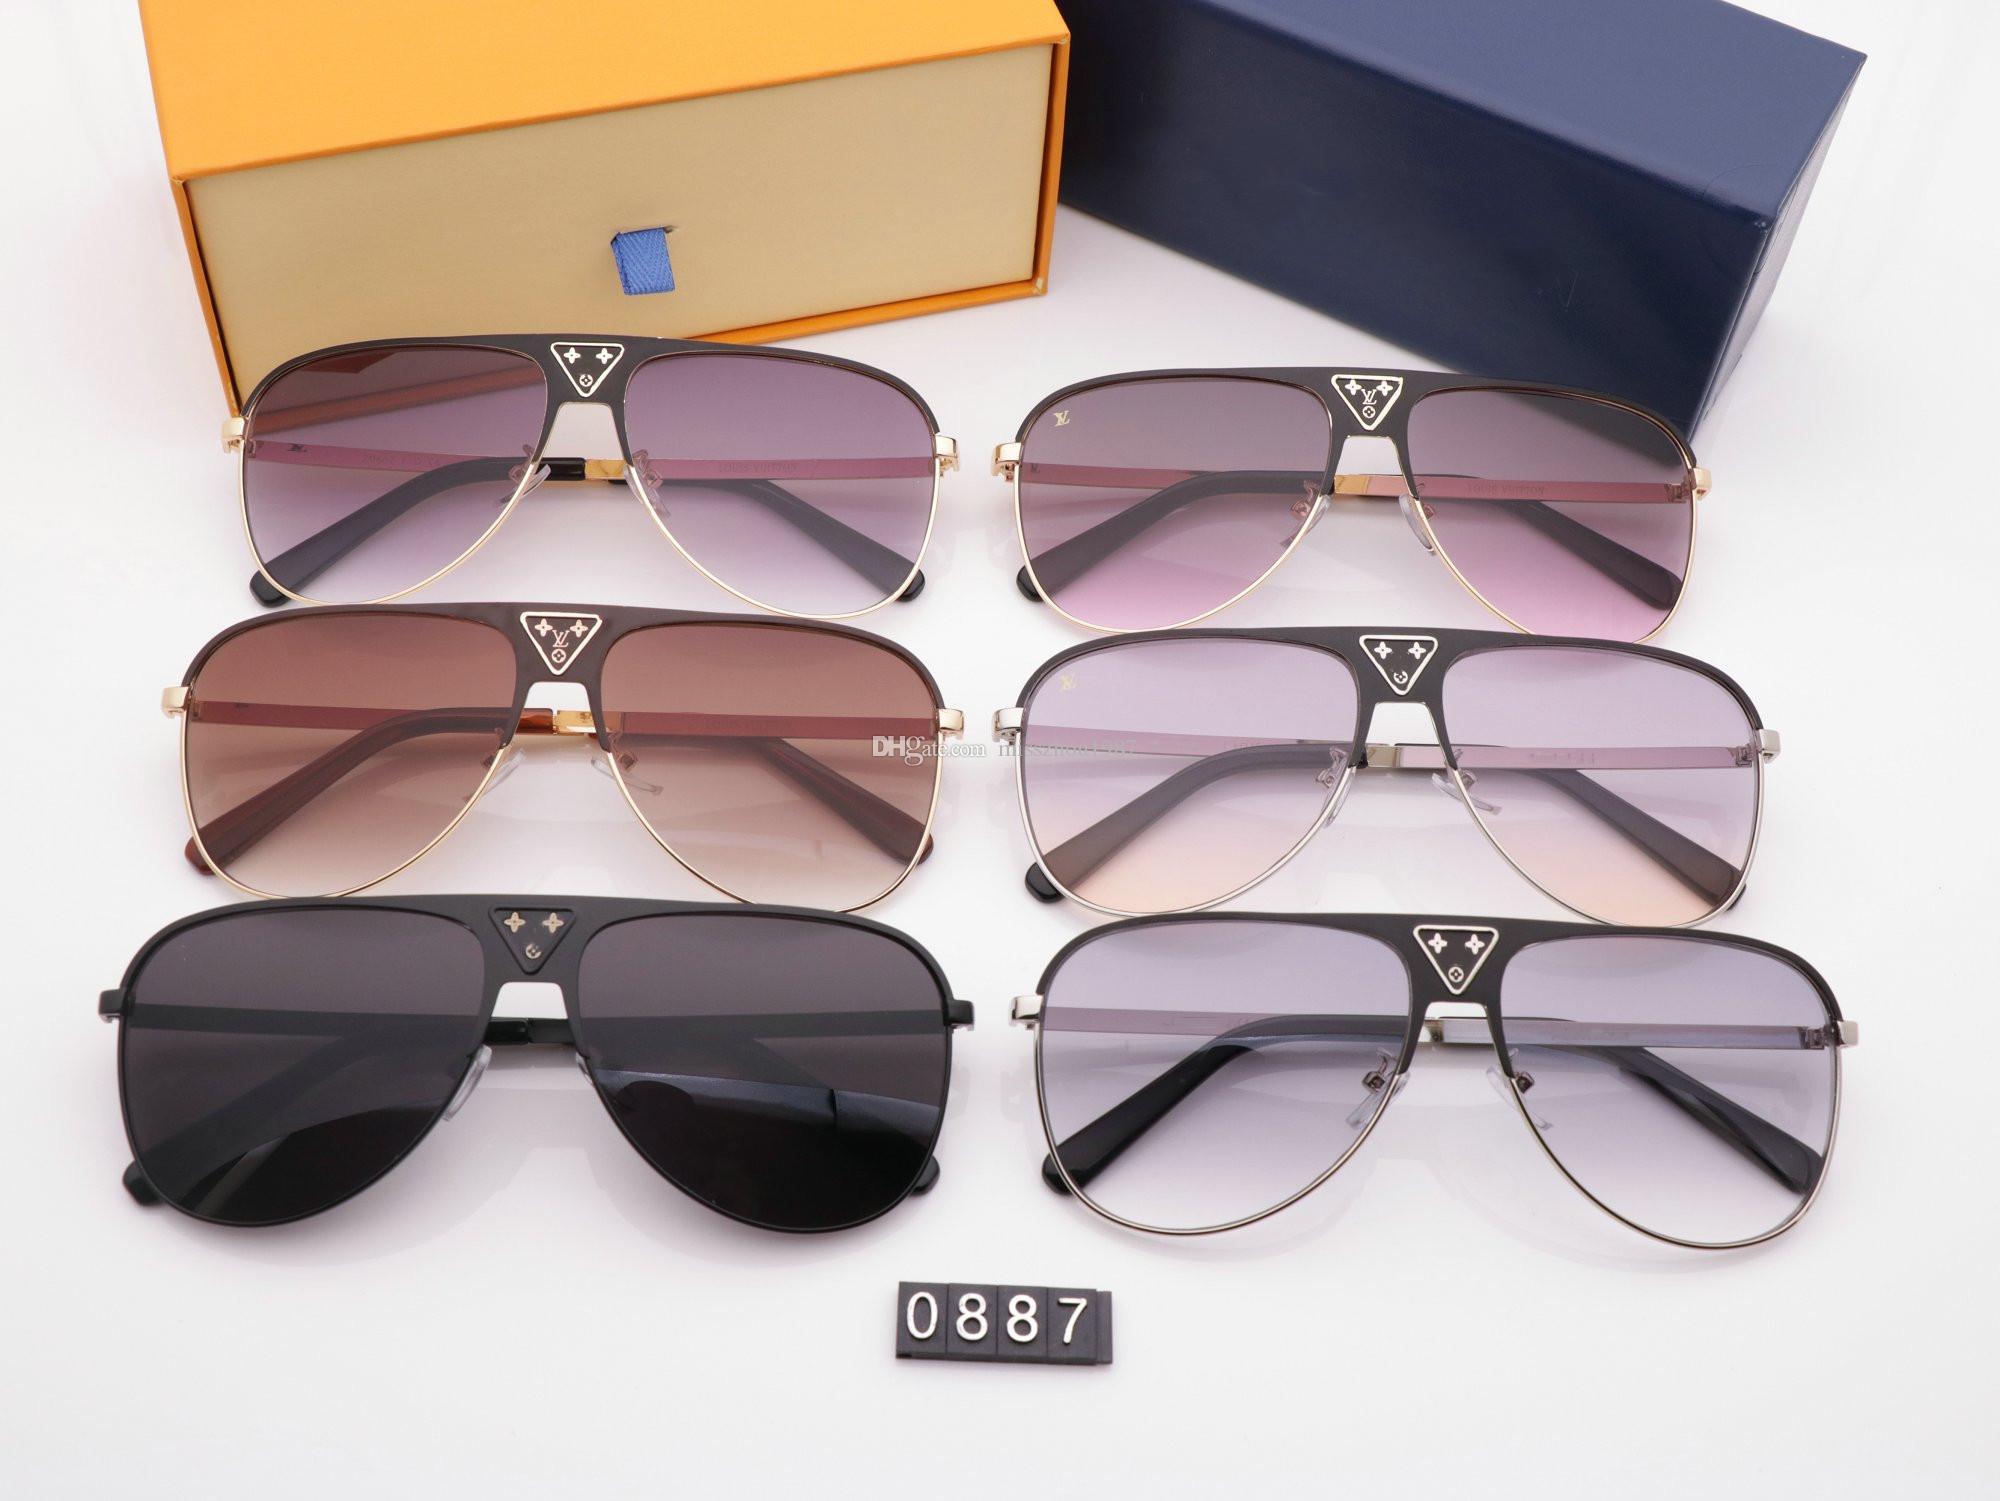 hot Luxus MILLIONäR 0887 Sonnenbrille volle Rahmen Vintage Designer-Sonnenbrillen für Männer Glänzende Gold Logo der heißen Verkauf Vergolden Oberseite mit Fall